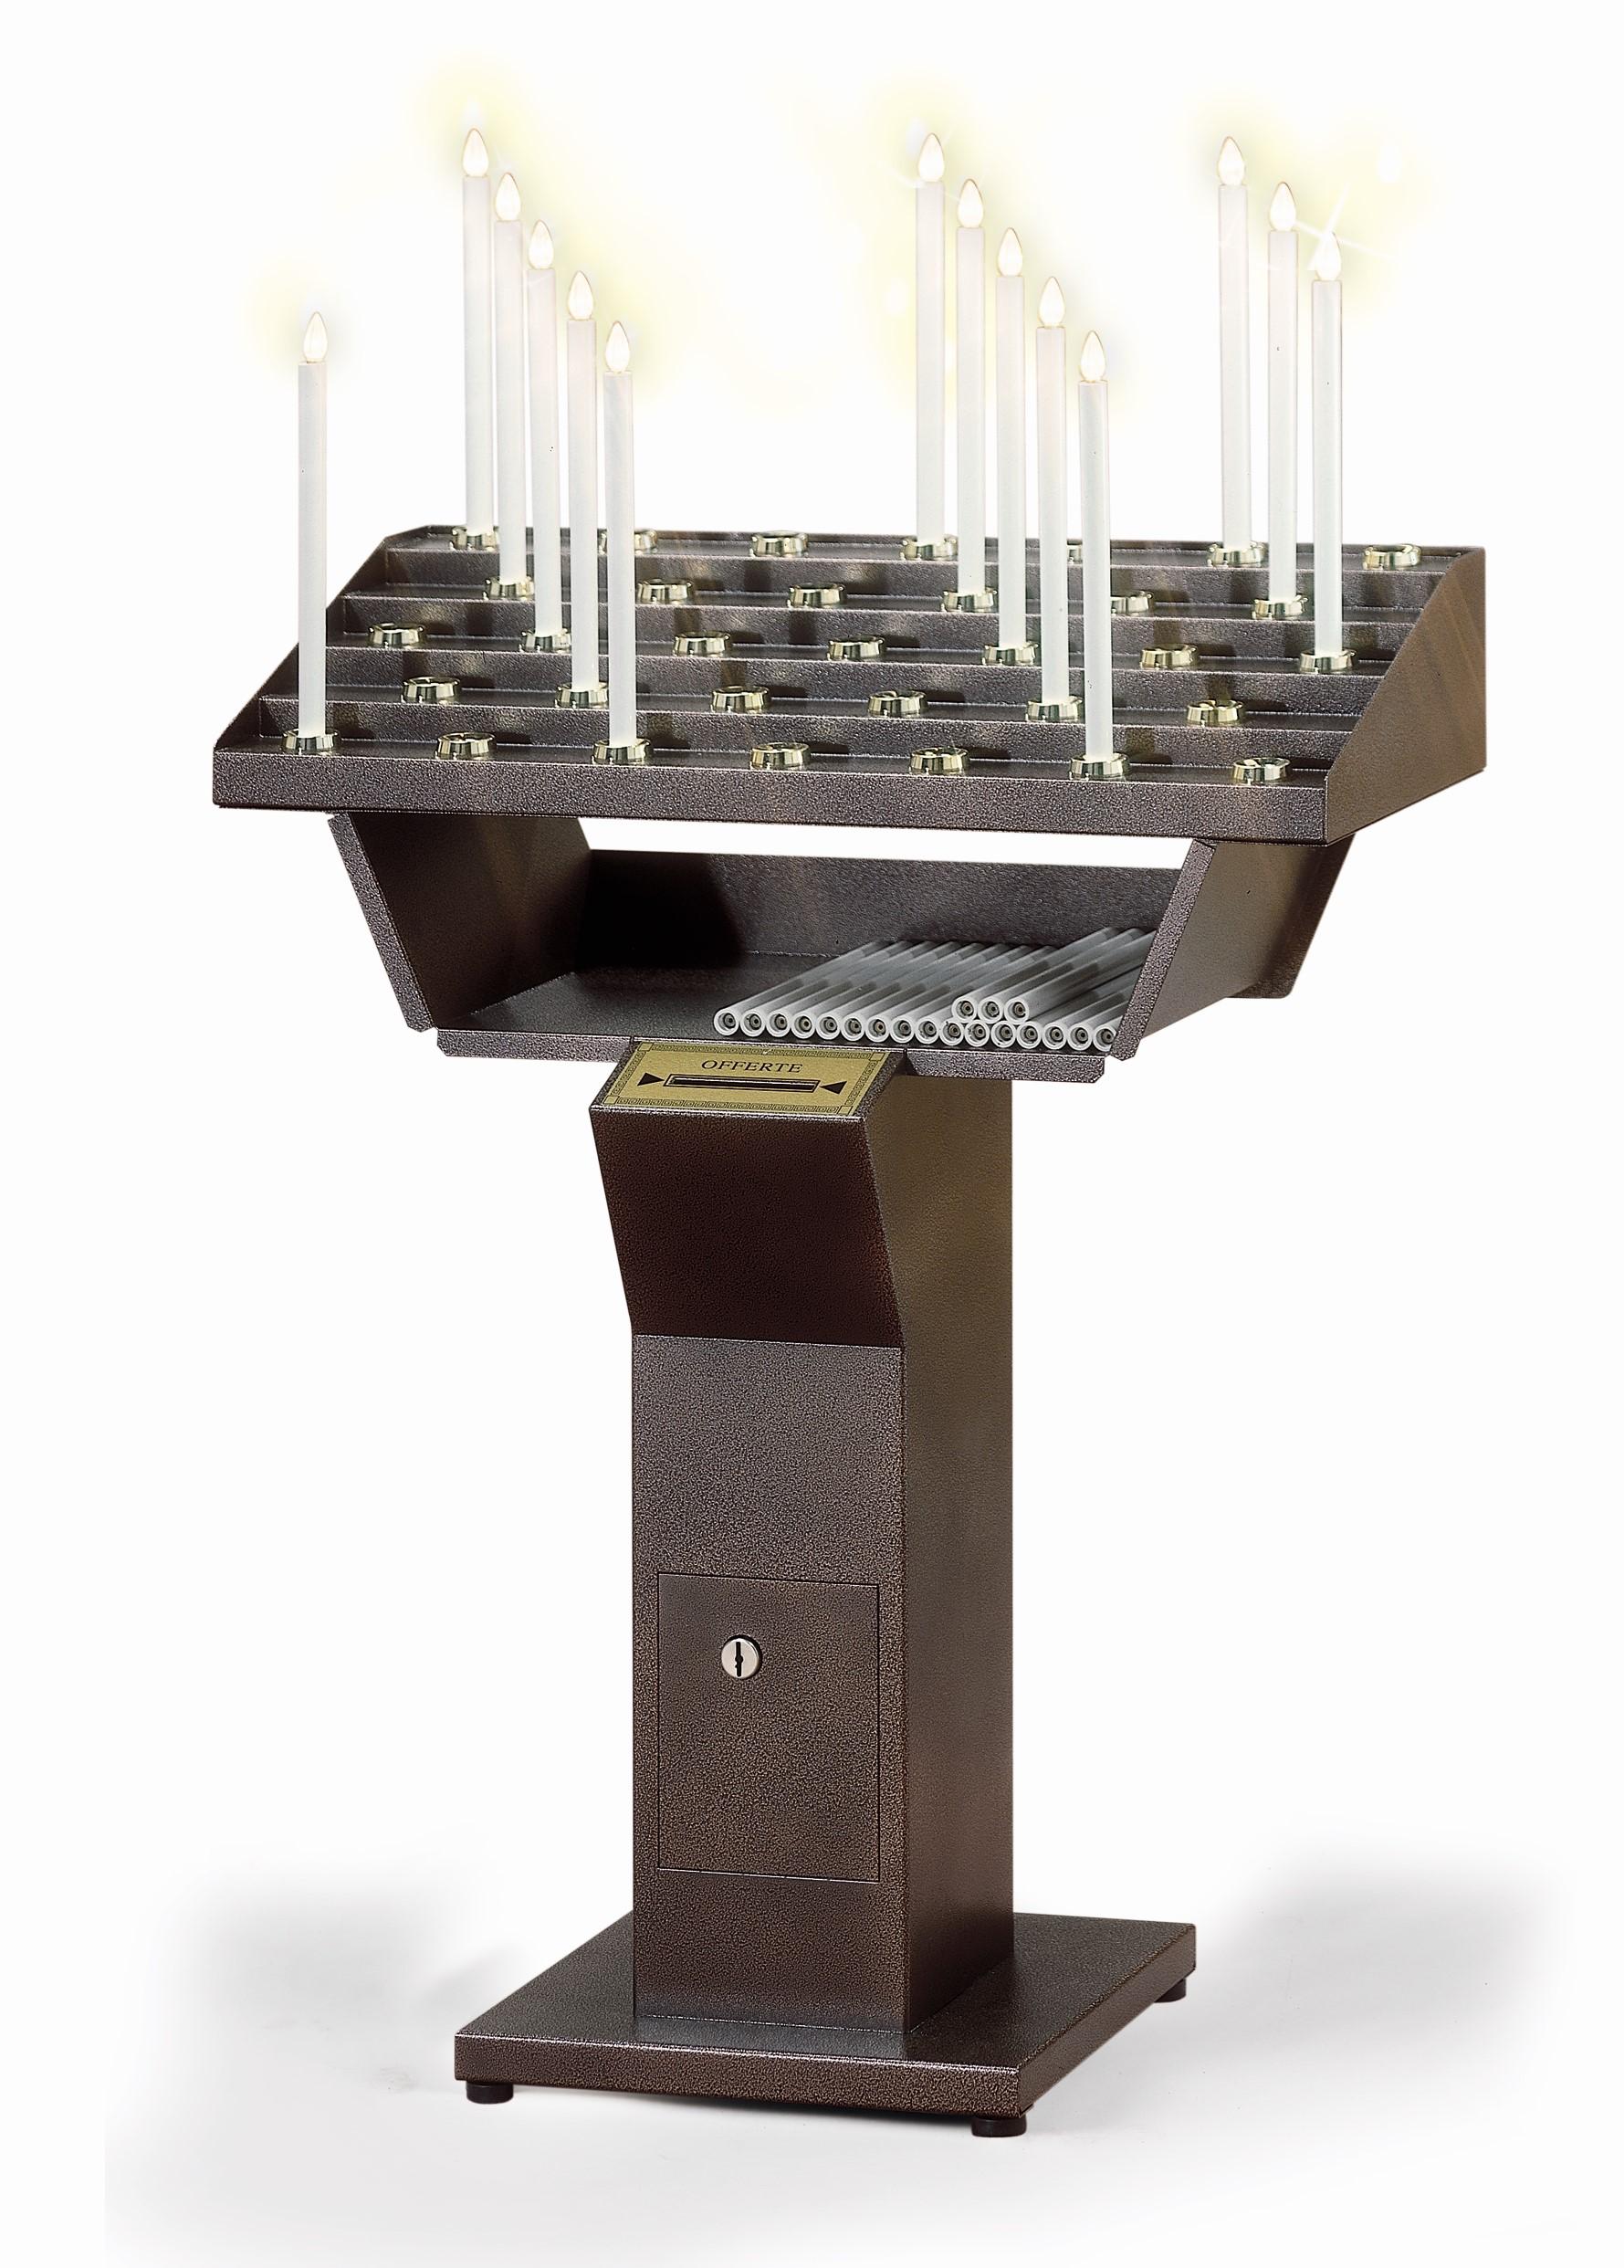 Che cos'è la TRIPLA GRIMAGLIERA inserita nei candelieri?